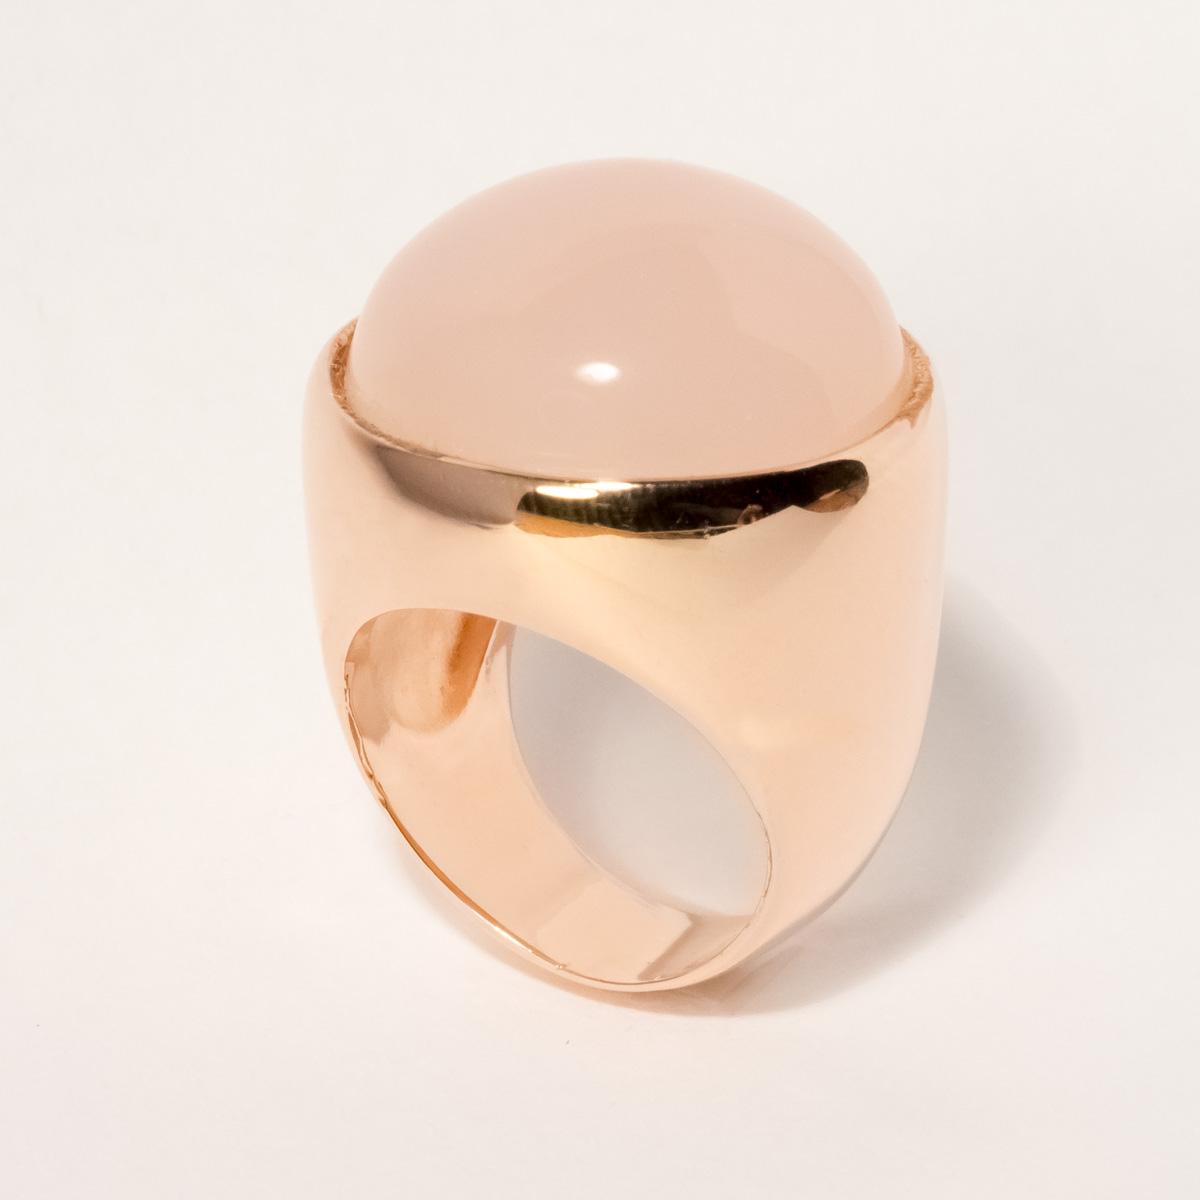 Extrêmement quarzo rosa | cinziaemme OY28